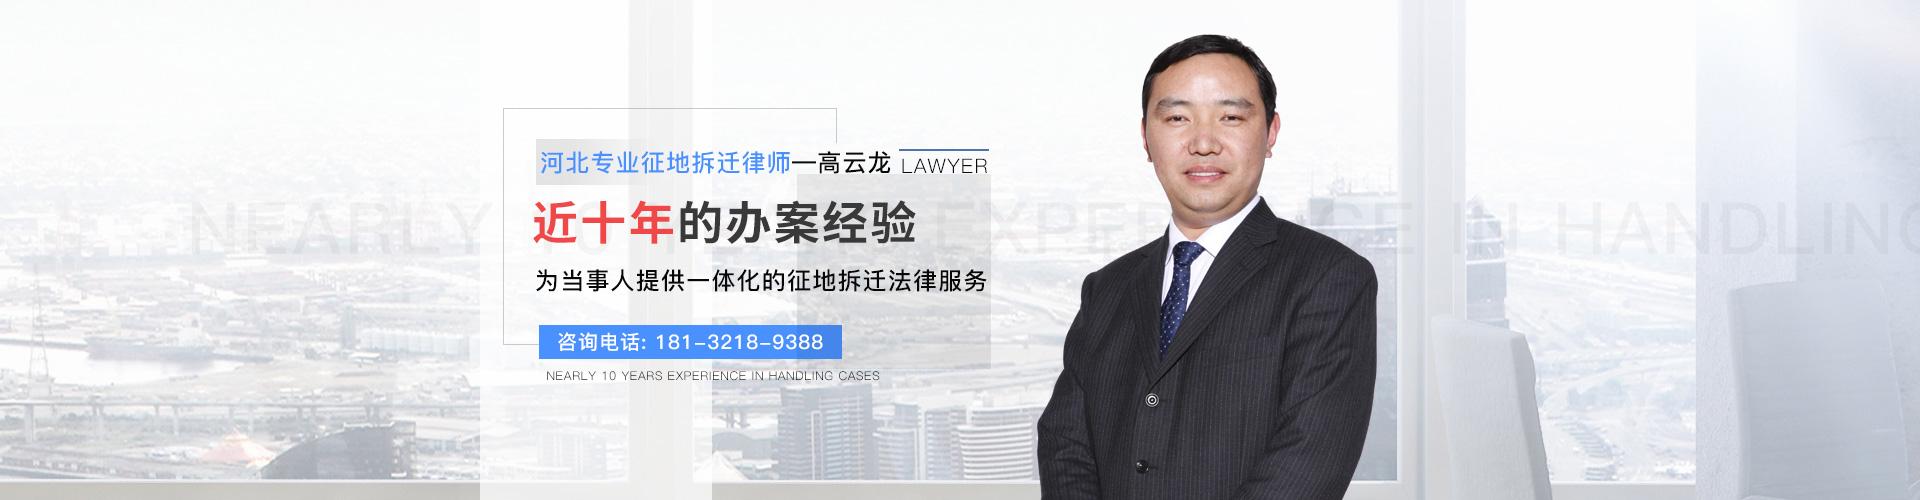 河北高云龙律师